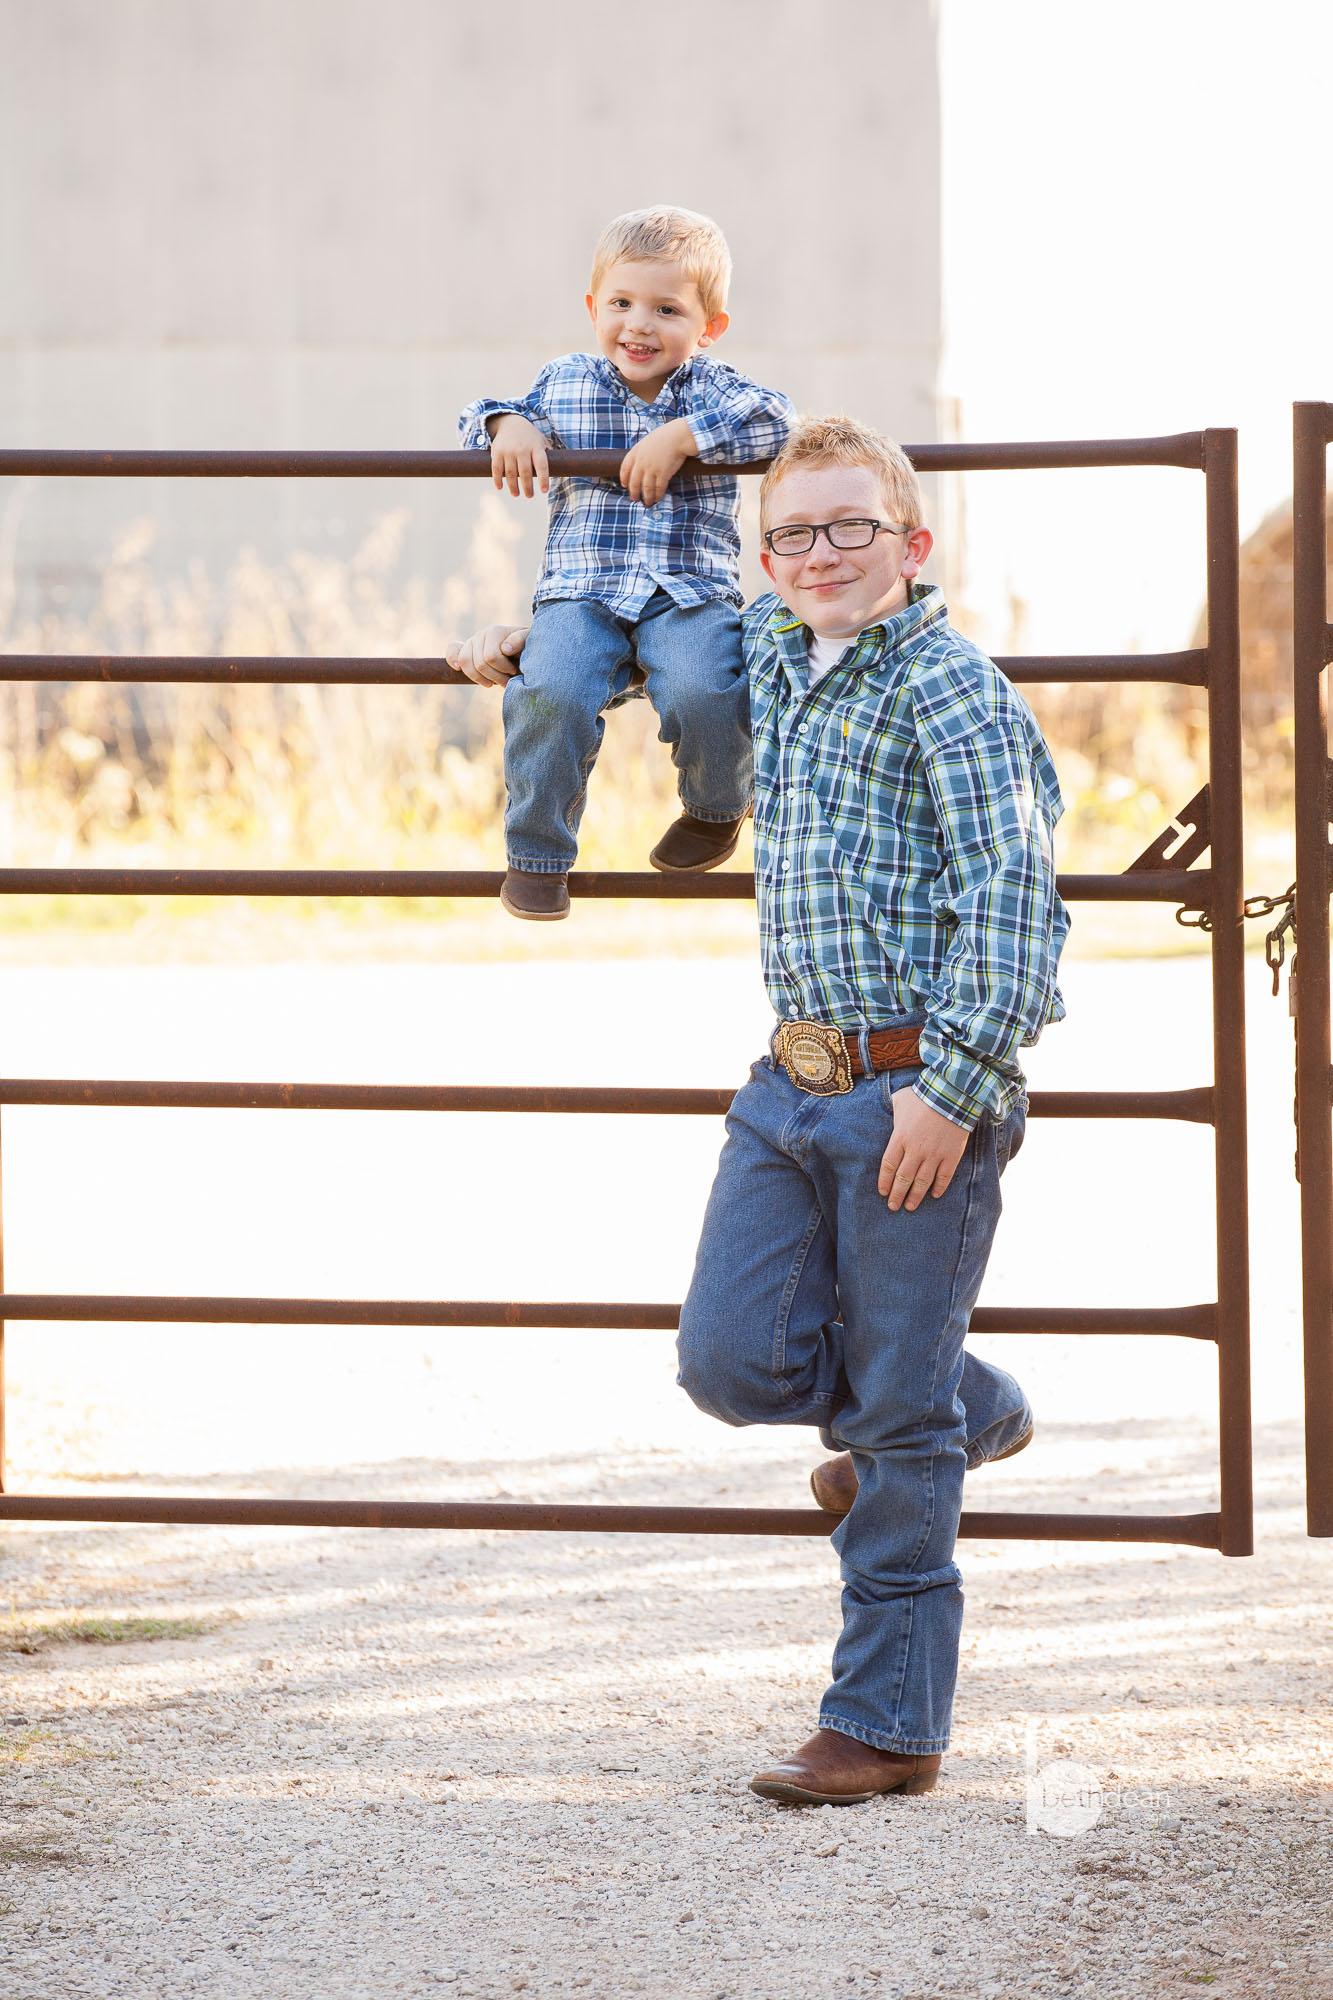 Beth Dean Photography - Oklahoma Family Farm Photos